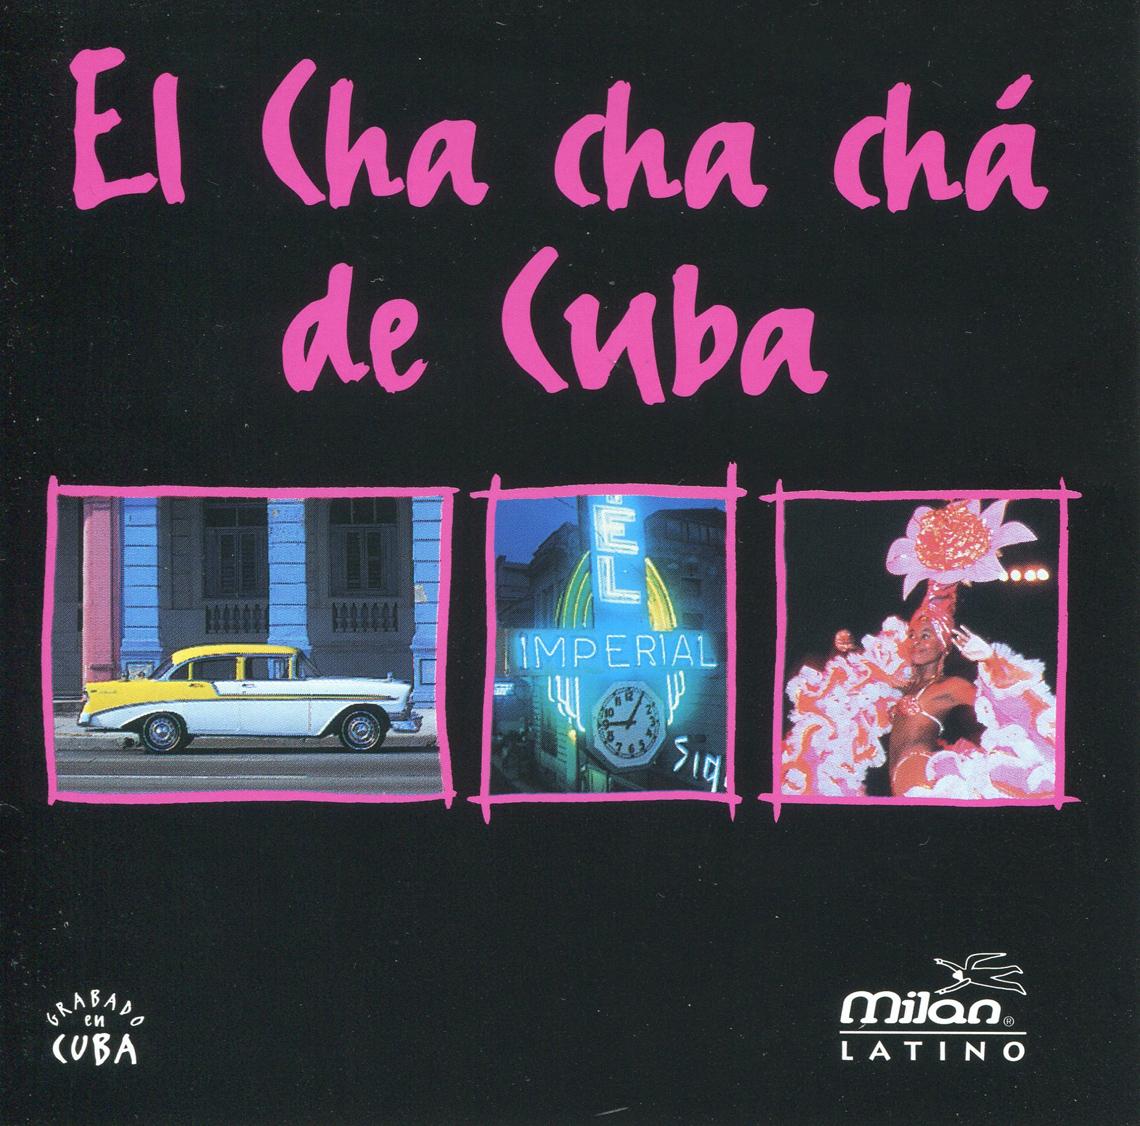 item 1 of Gallery image - Portada del disco de El cha cha chá de Cuba